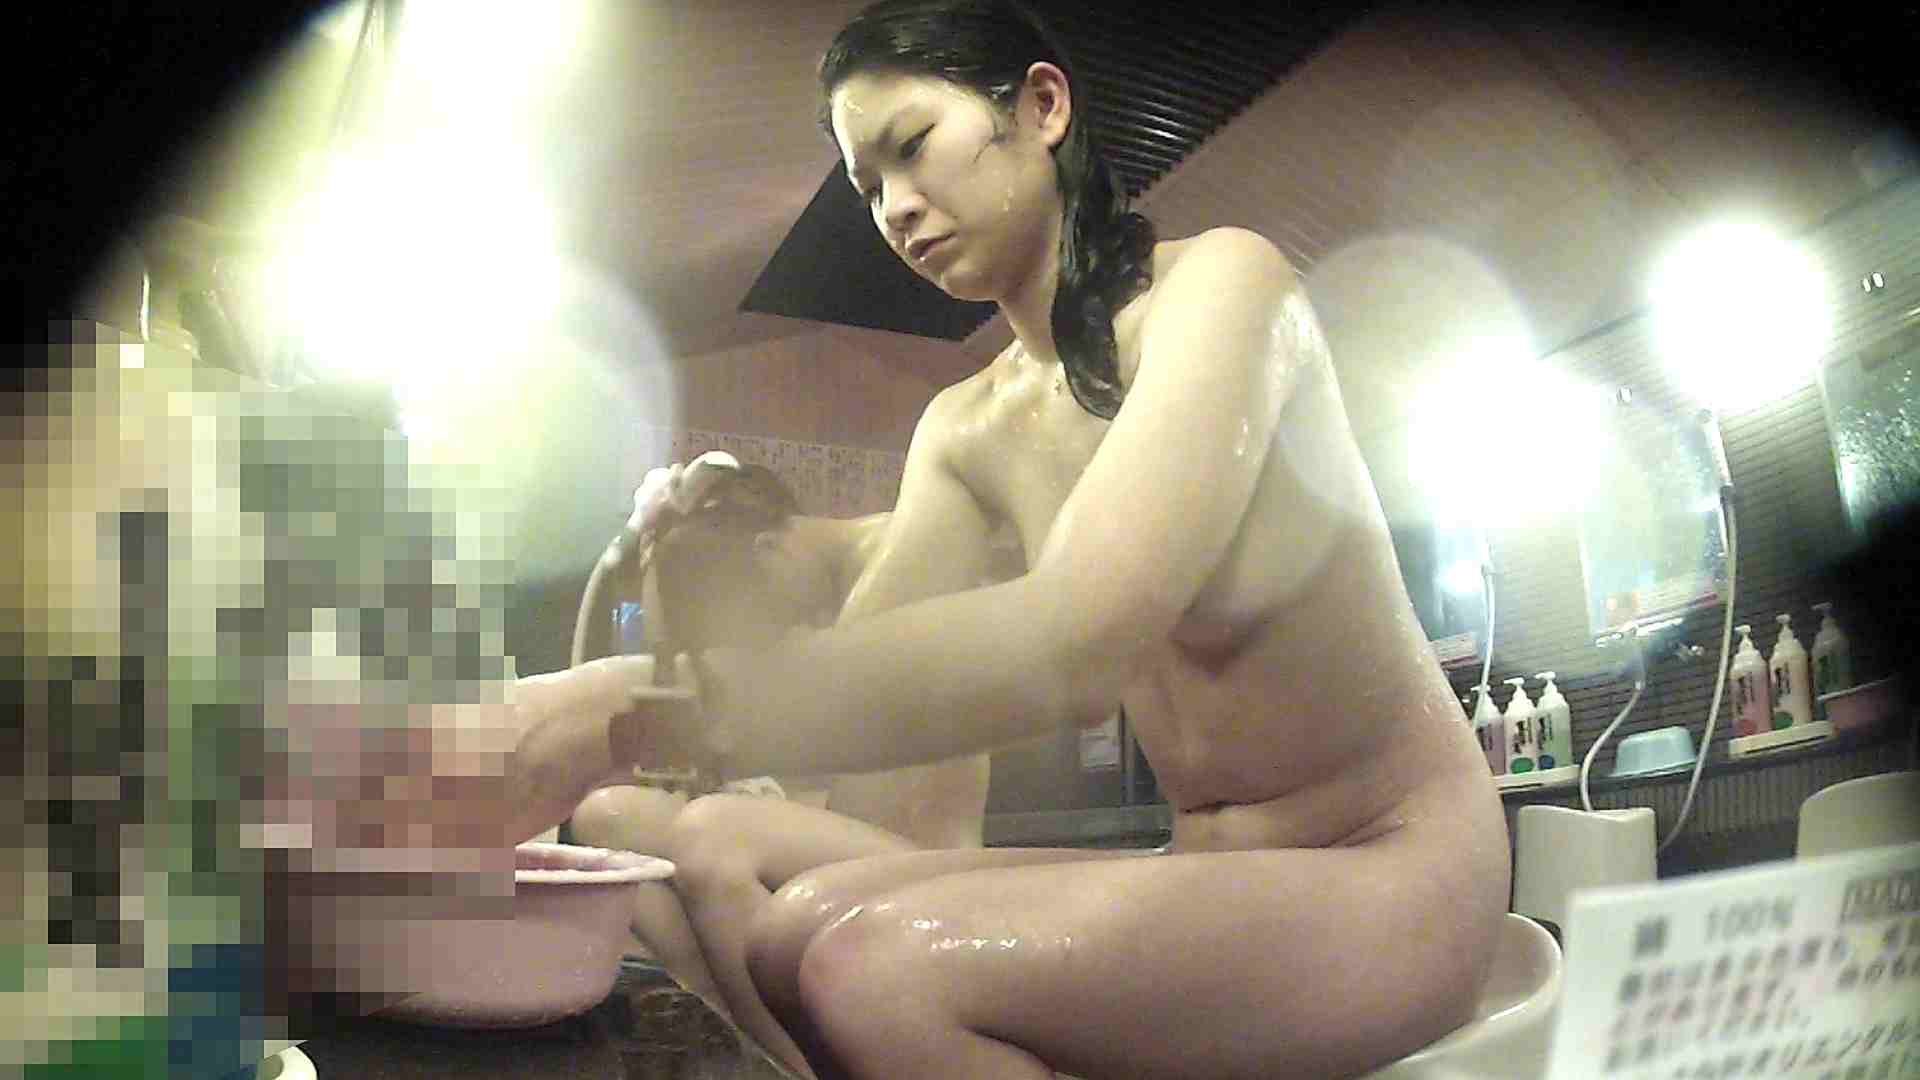 洗い場!お股の洗い方に好感が持てるお嬢さん エロくん潜入  75連発 32